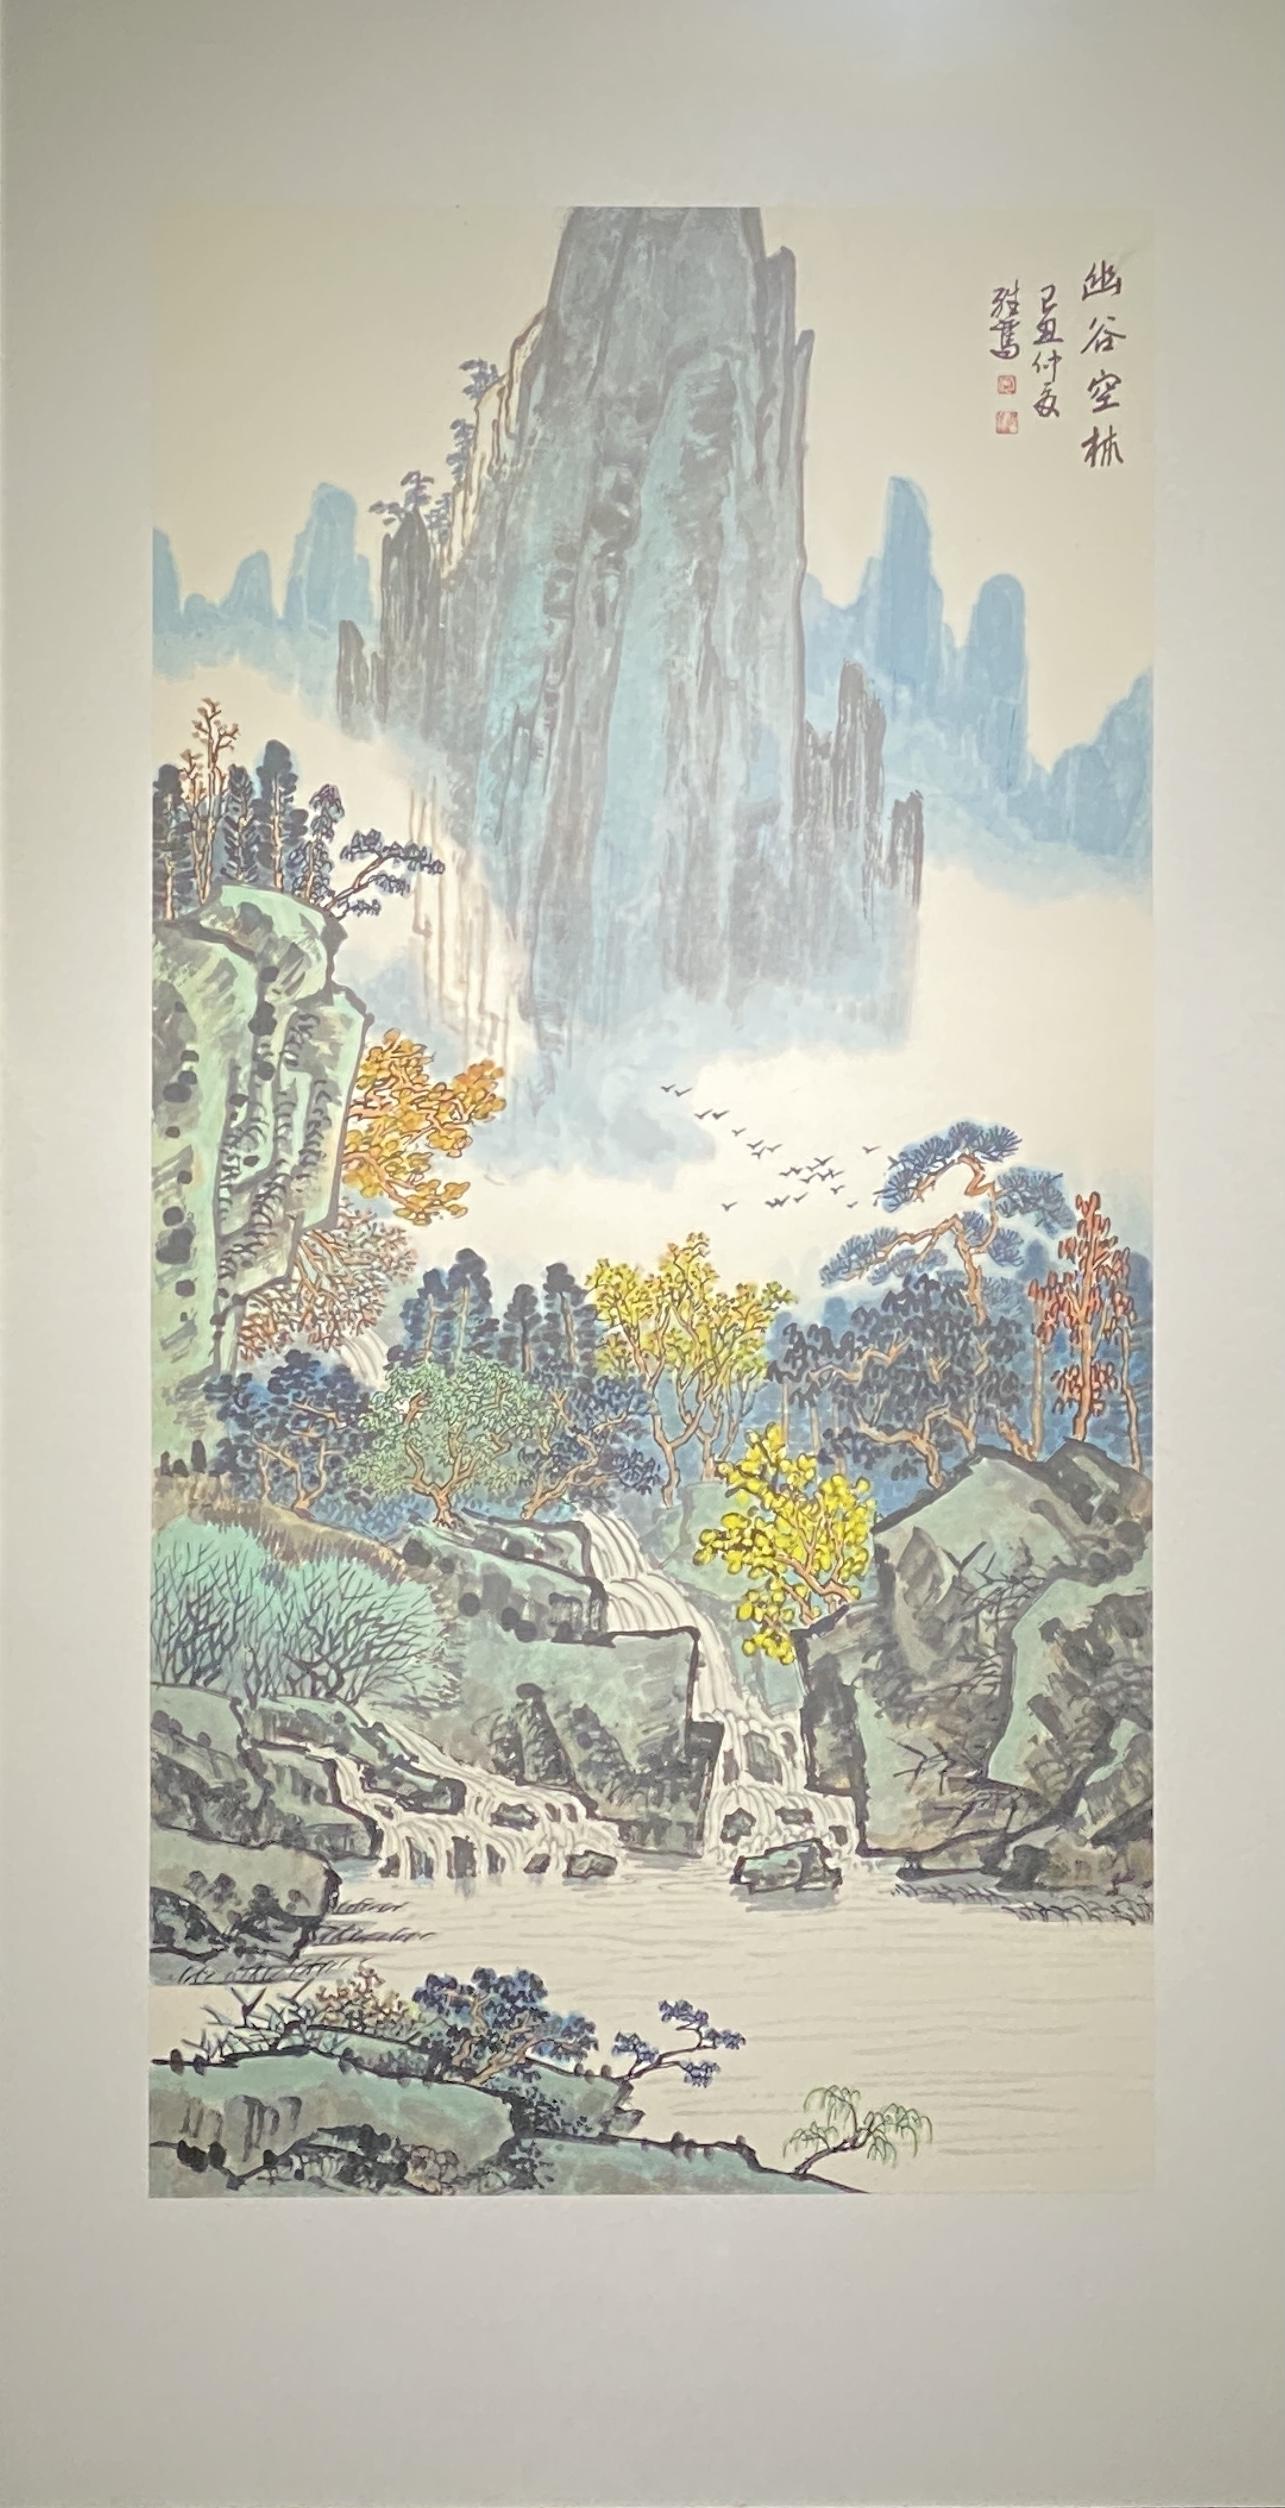 幽霊空林-2009-中国画-136×68cm-「丹青を振りかけ、詩情を送る-何継篤個人書画展」成都市美術館